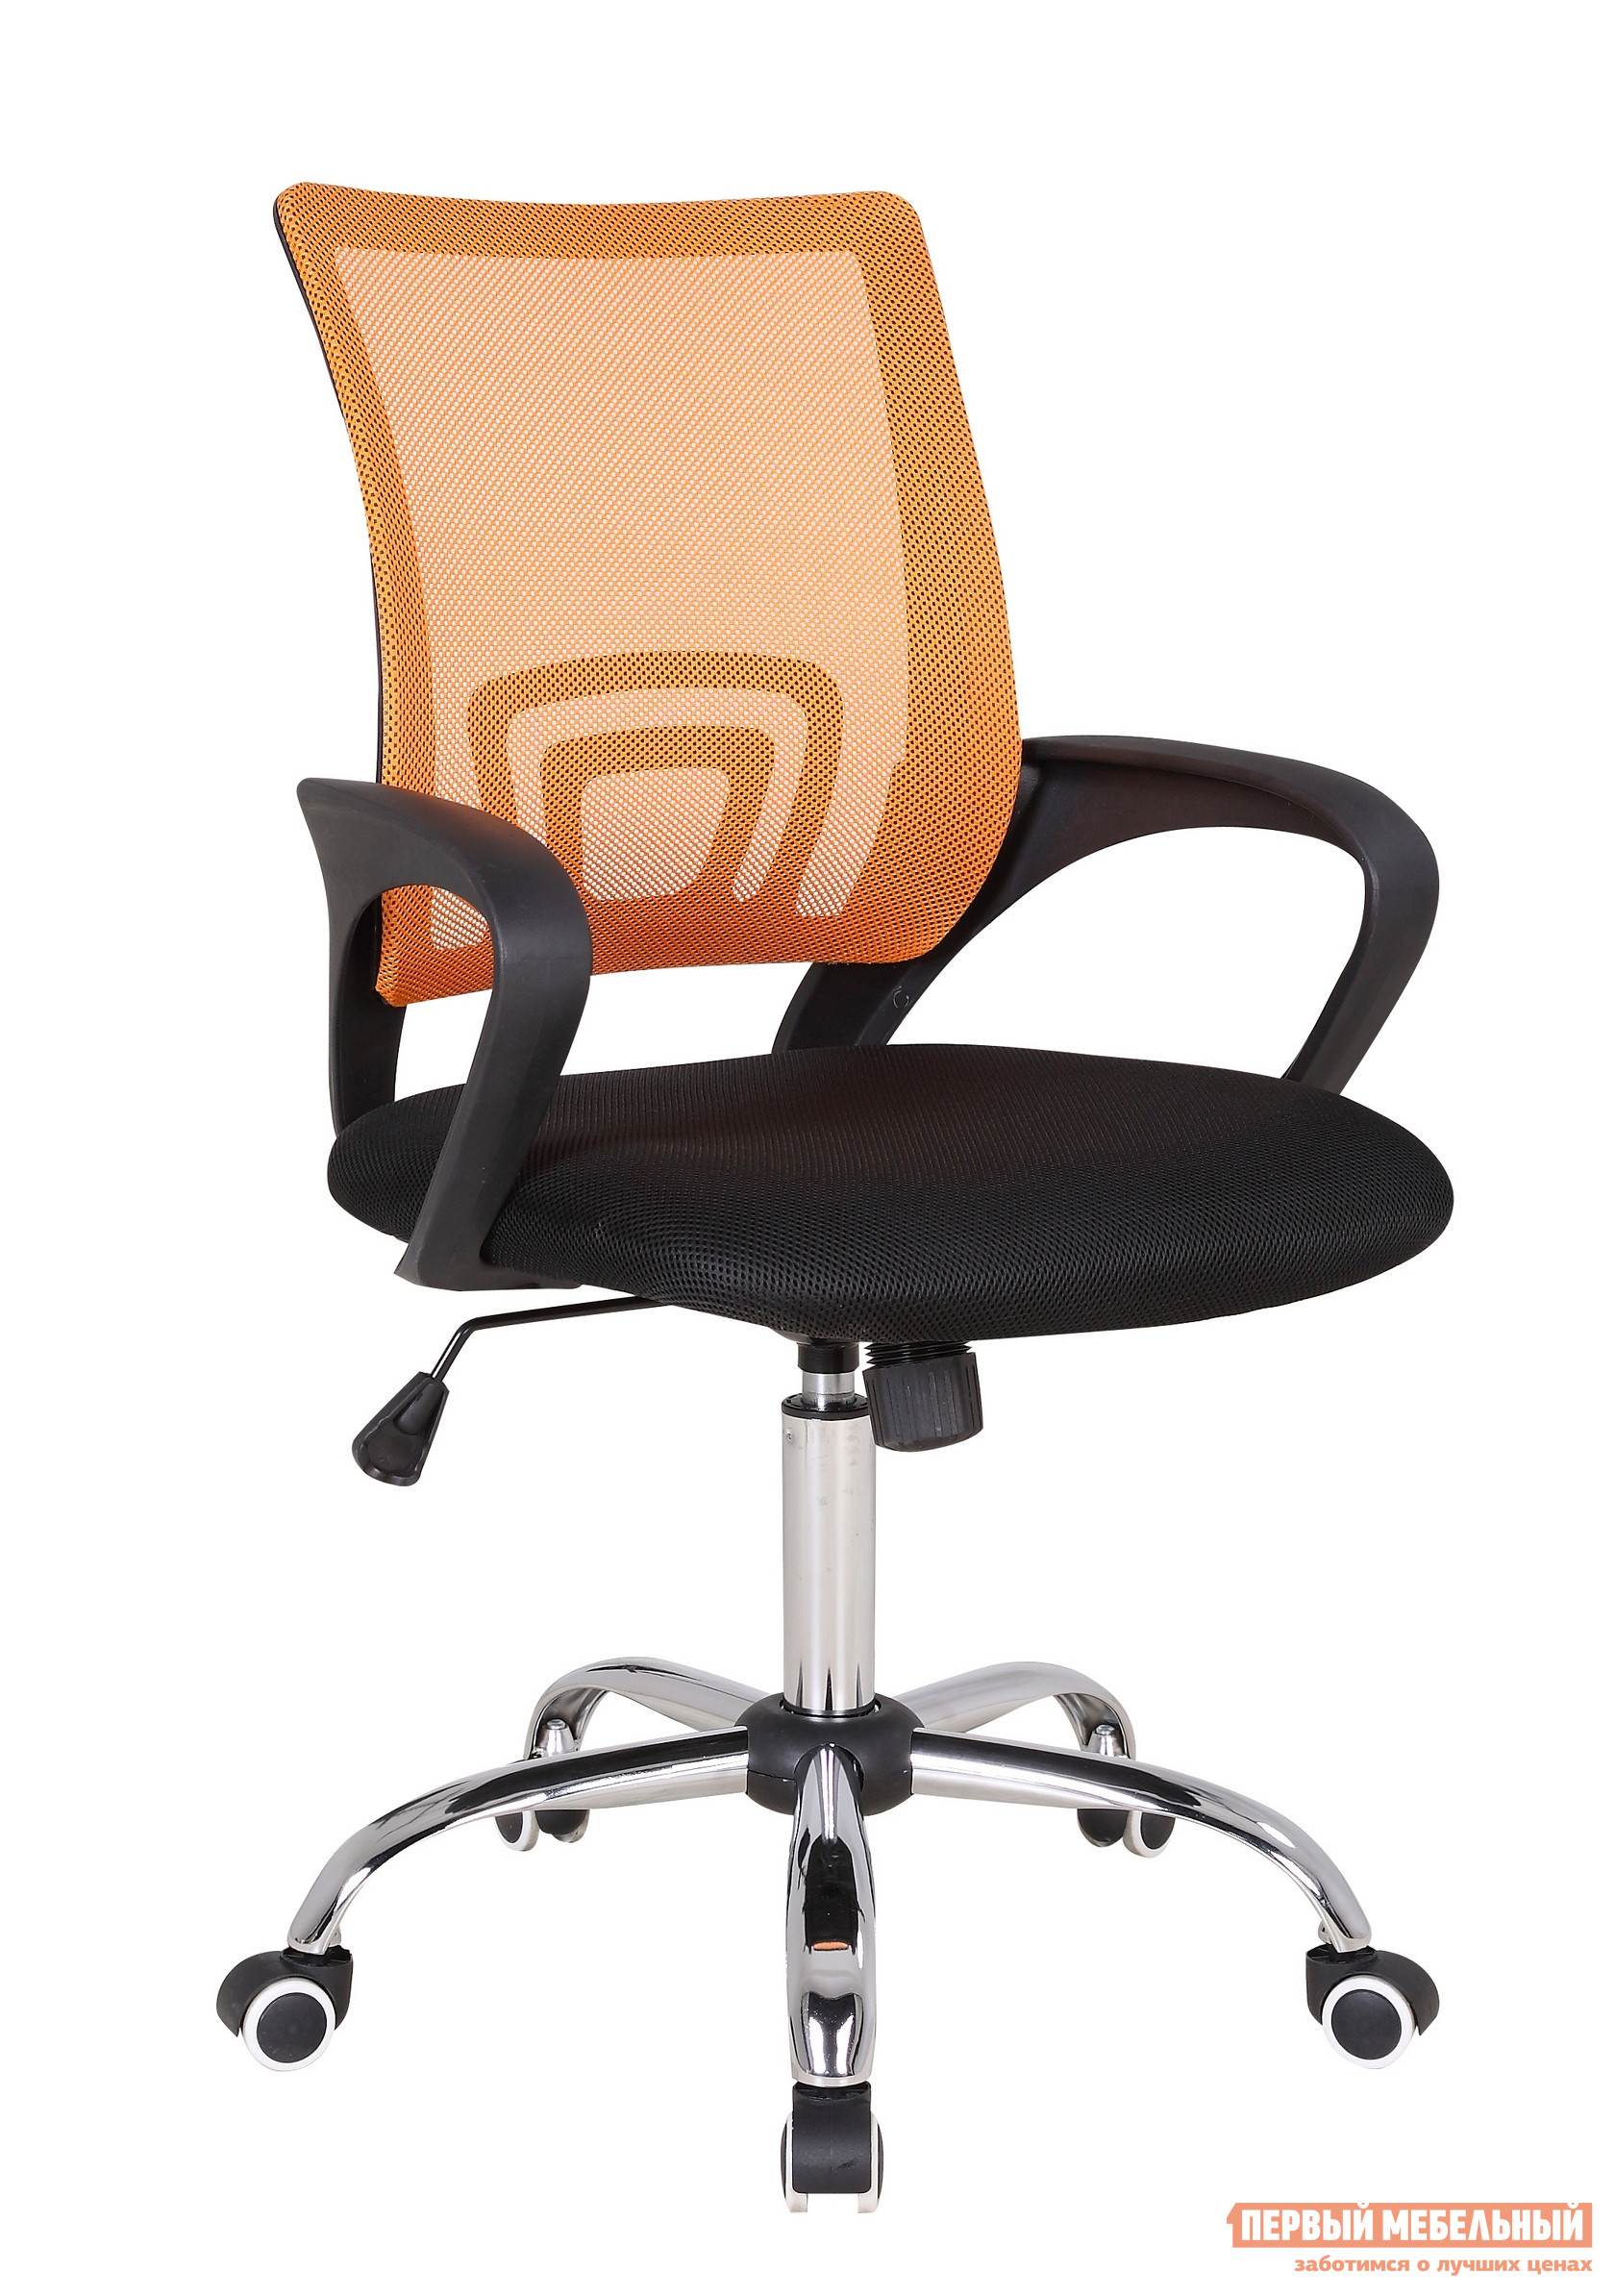 Офисное кресло Бюрократ CH-695SL Сетка Оранжевый TW-38-3 / Черный TW-11